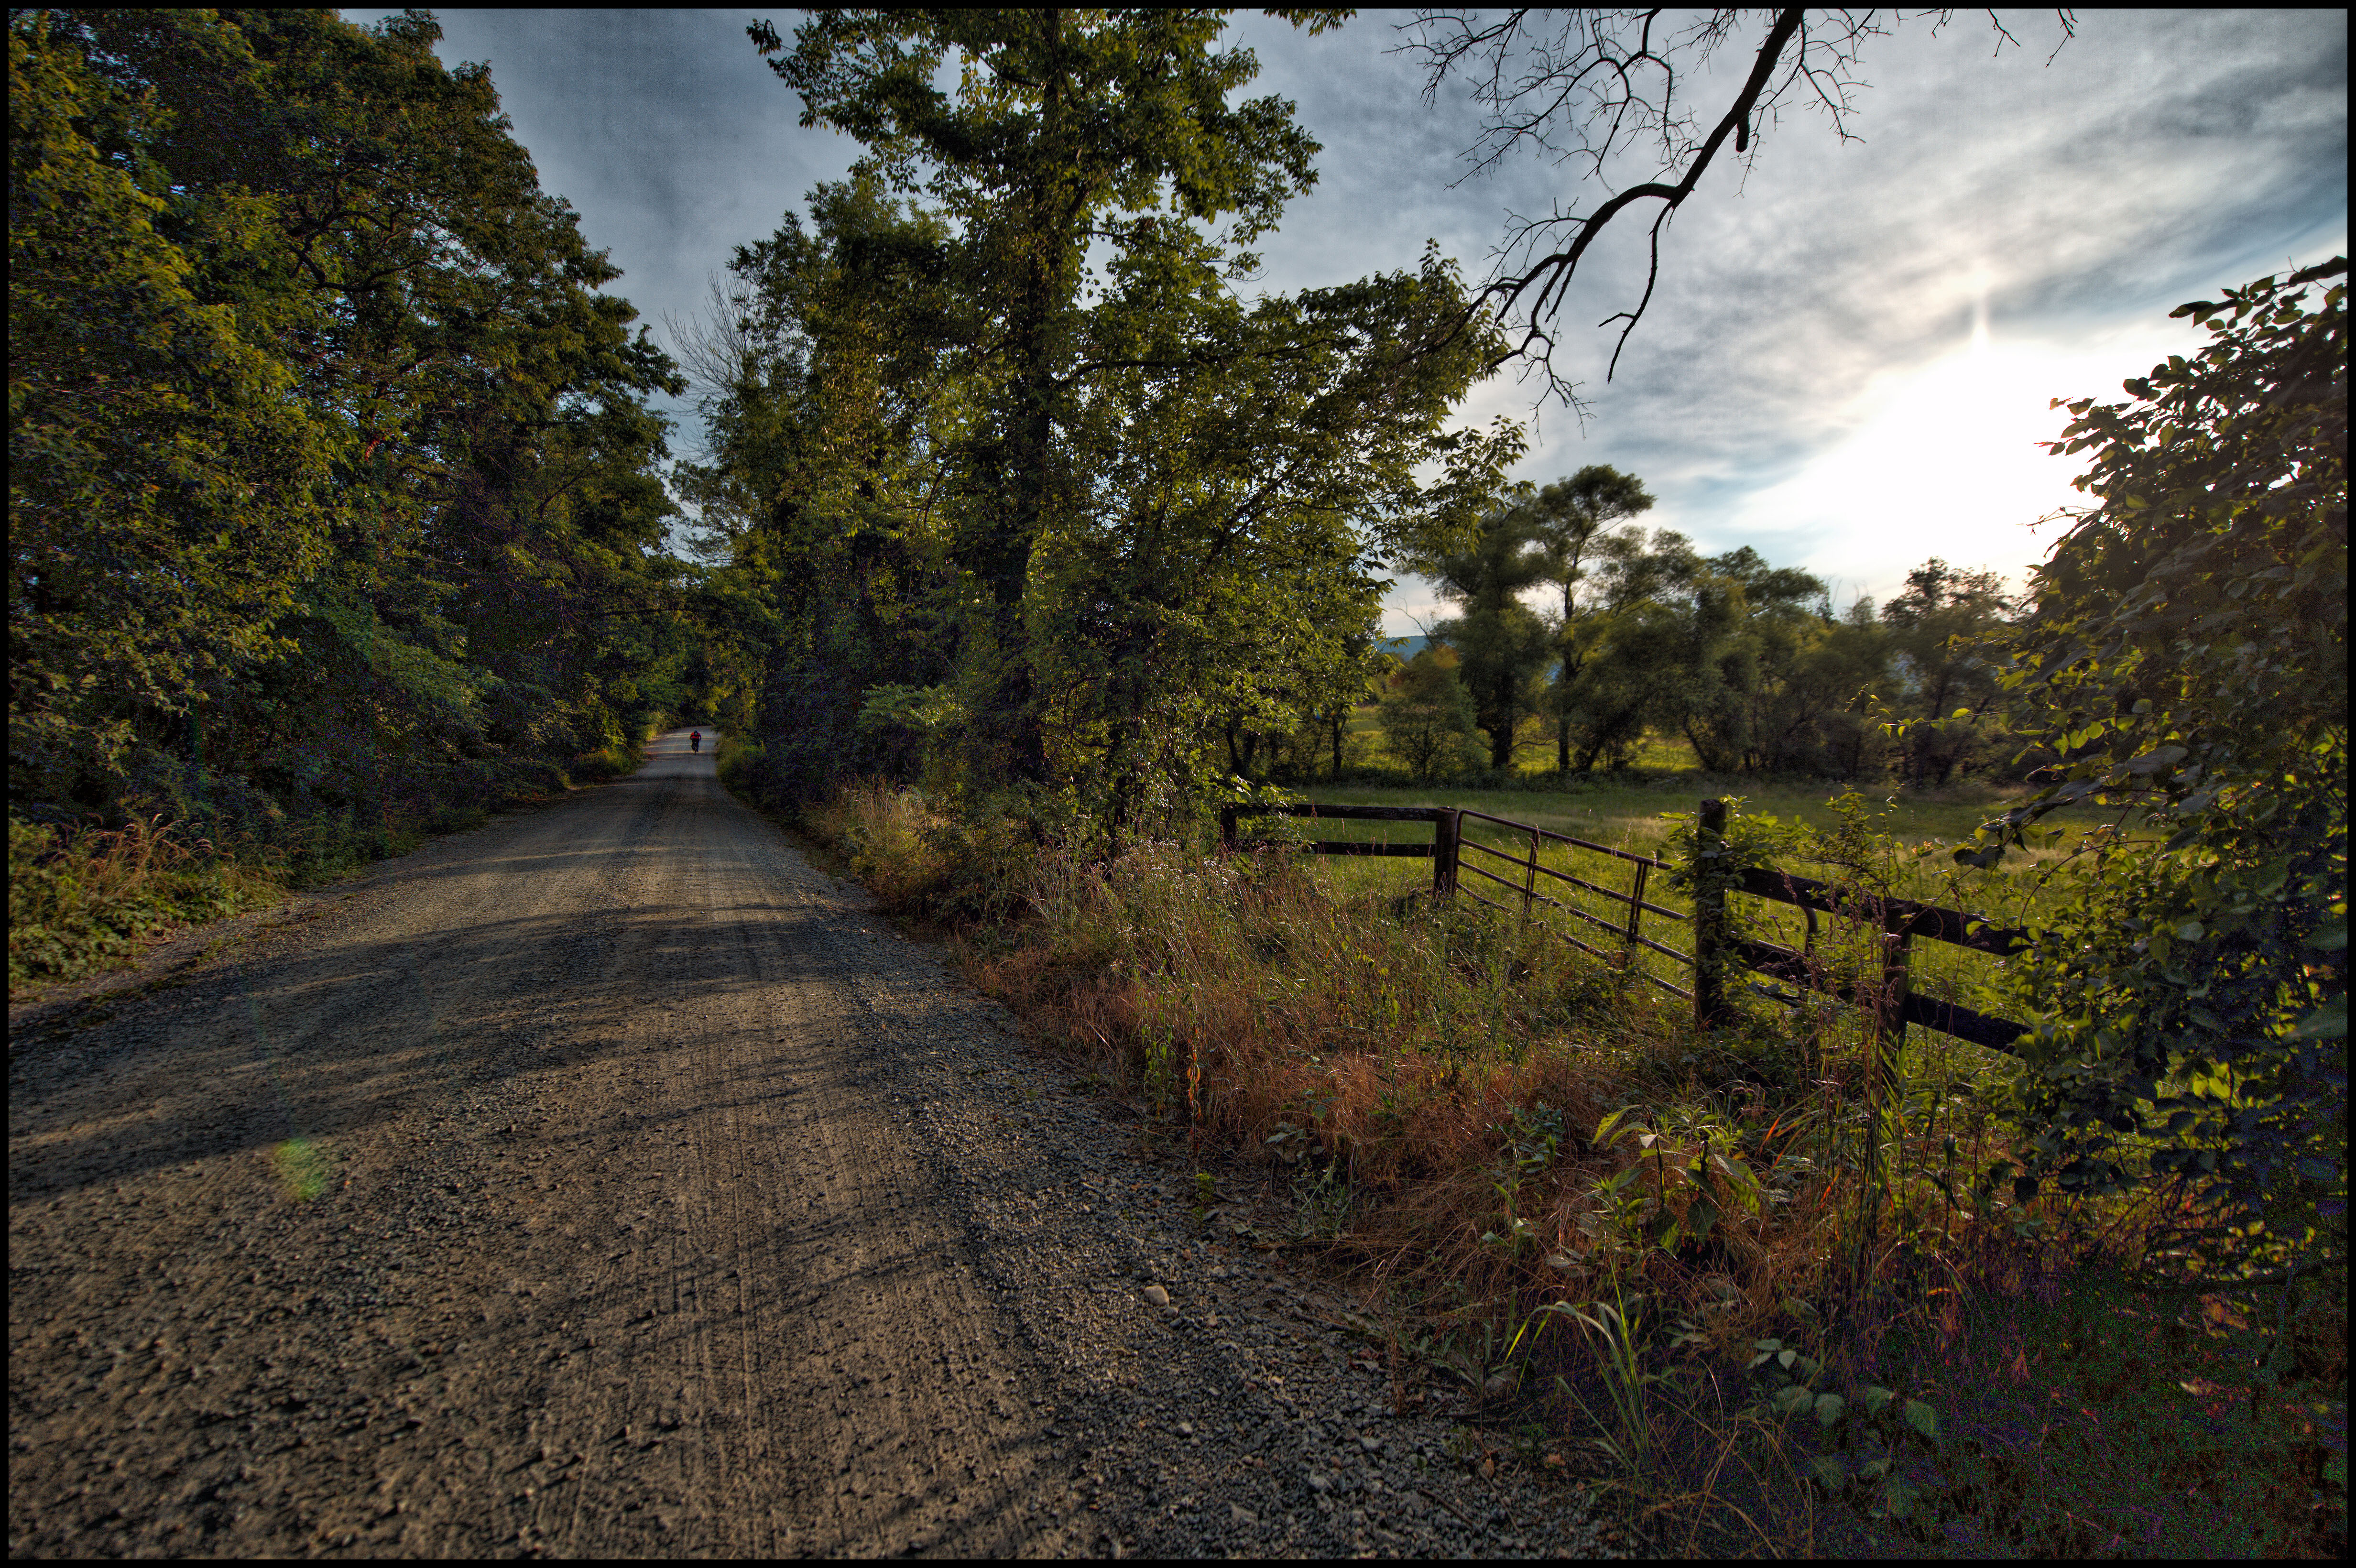 Hollow Oak Road